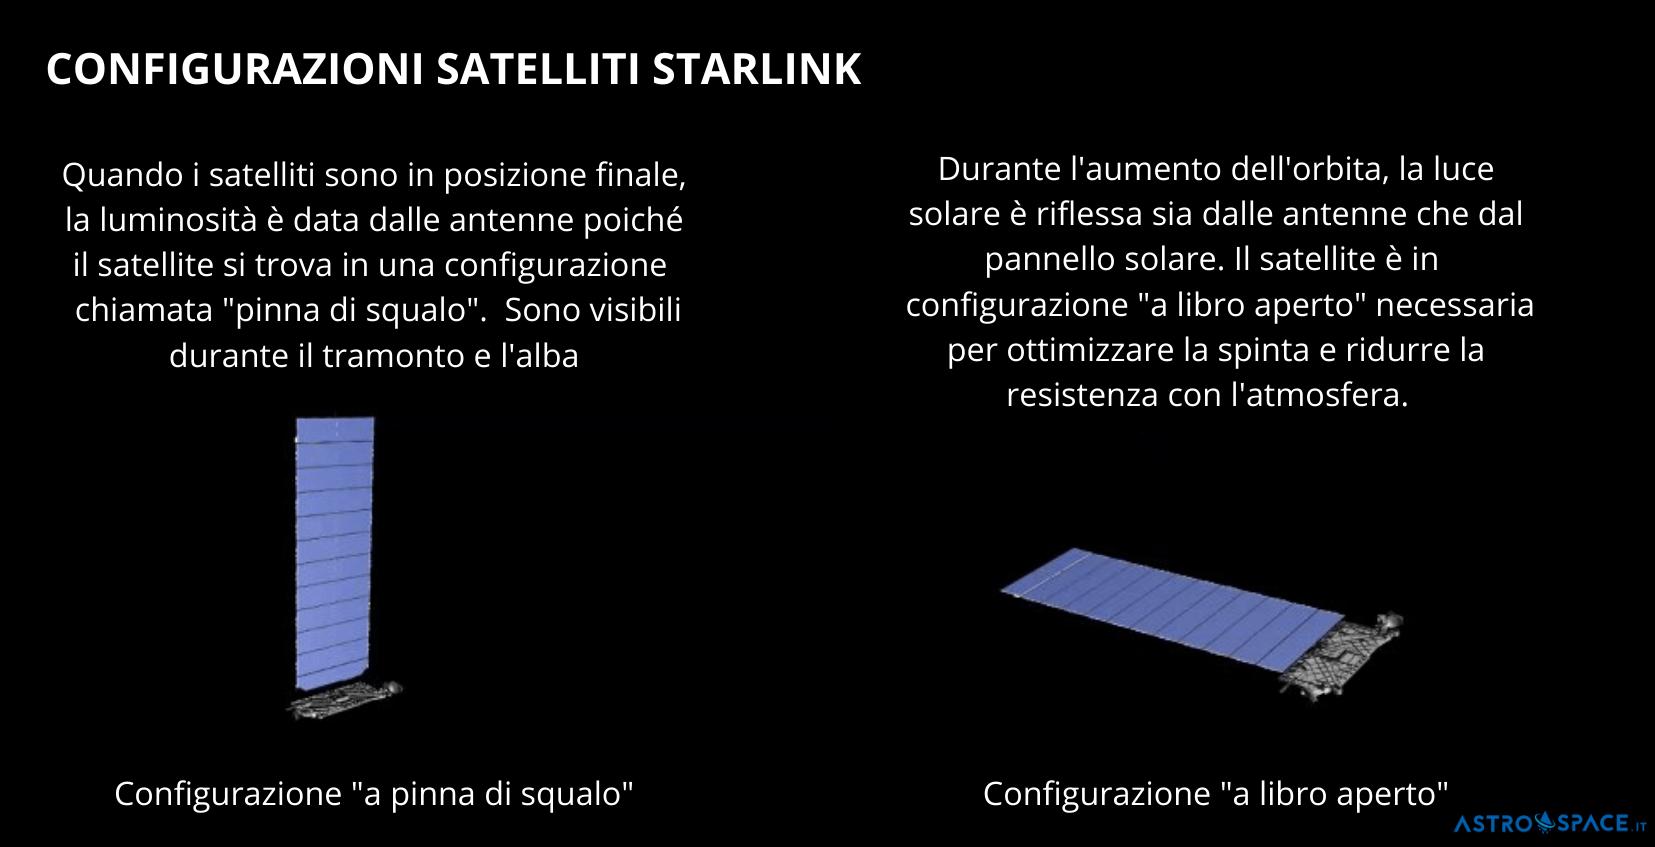 configurazione volo Starlink